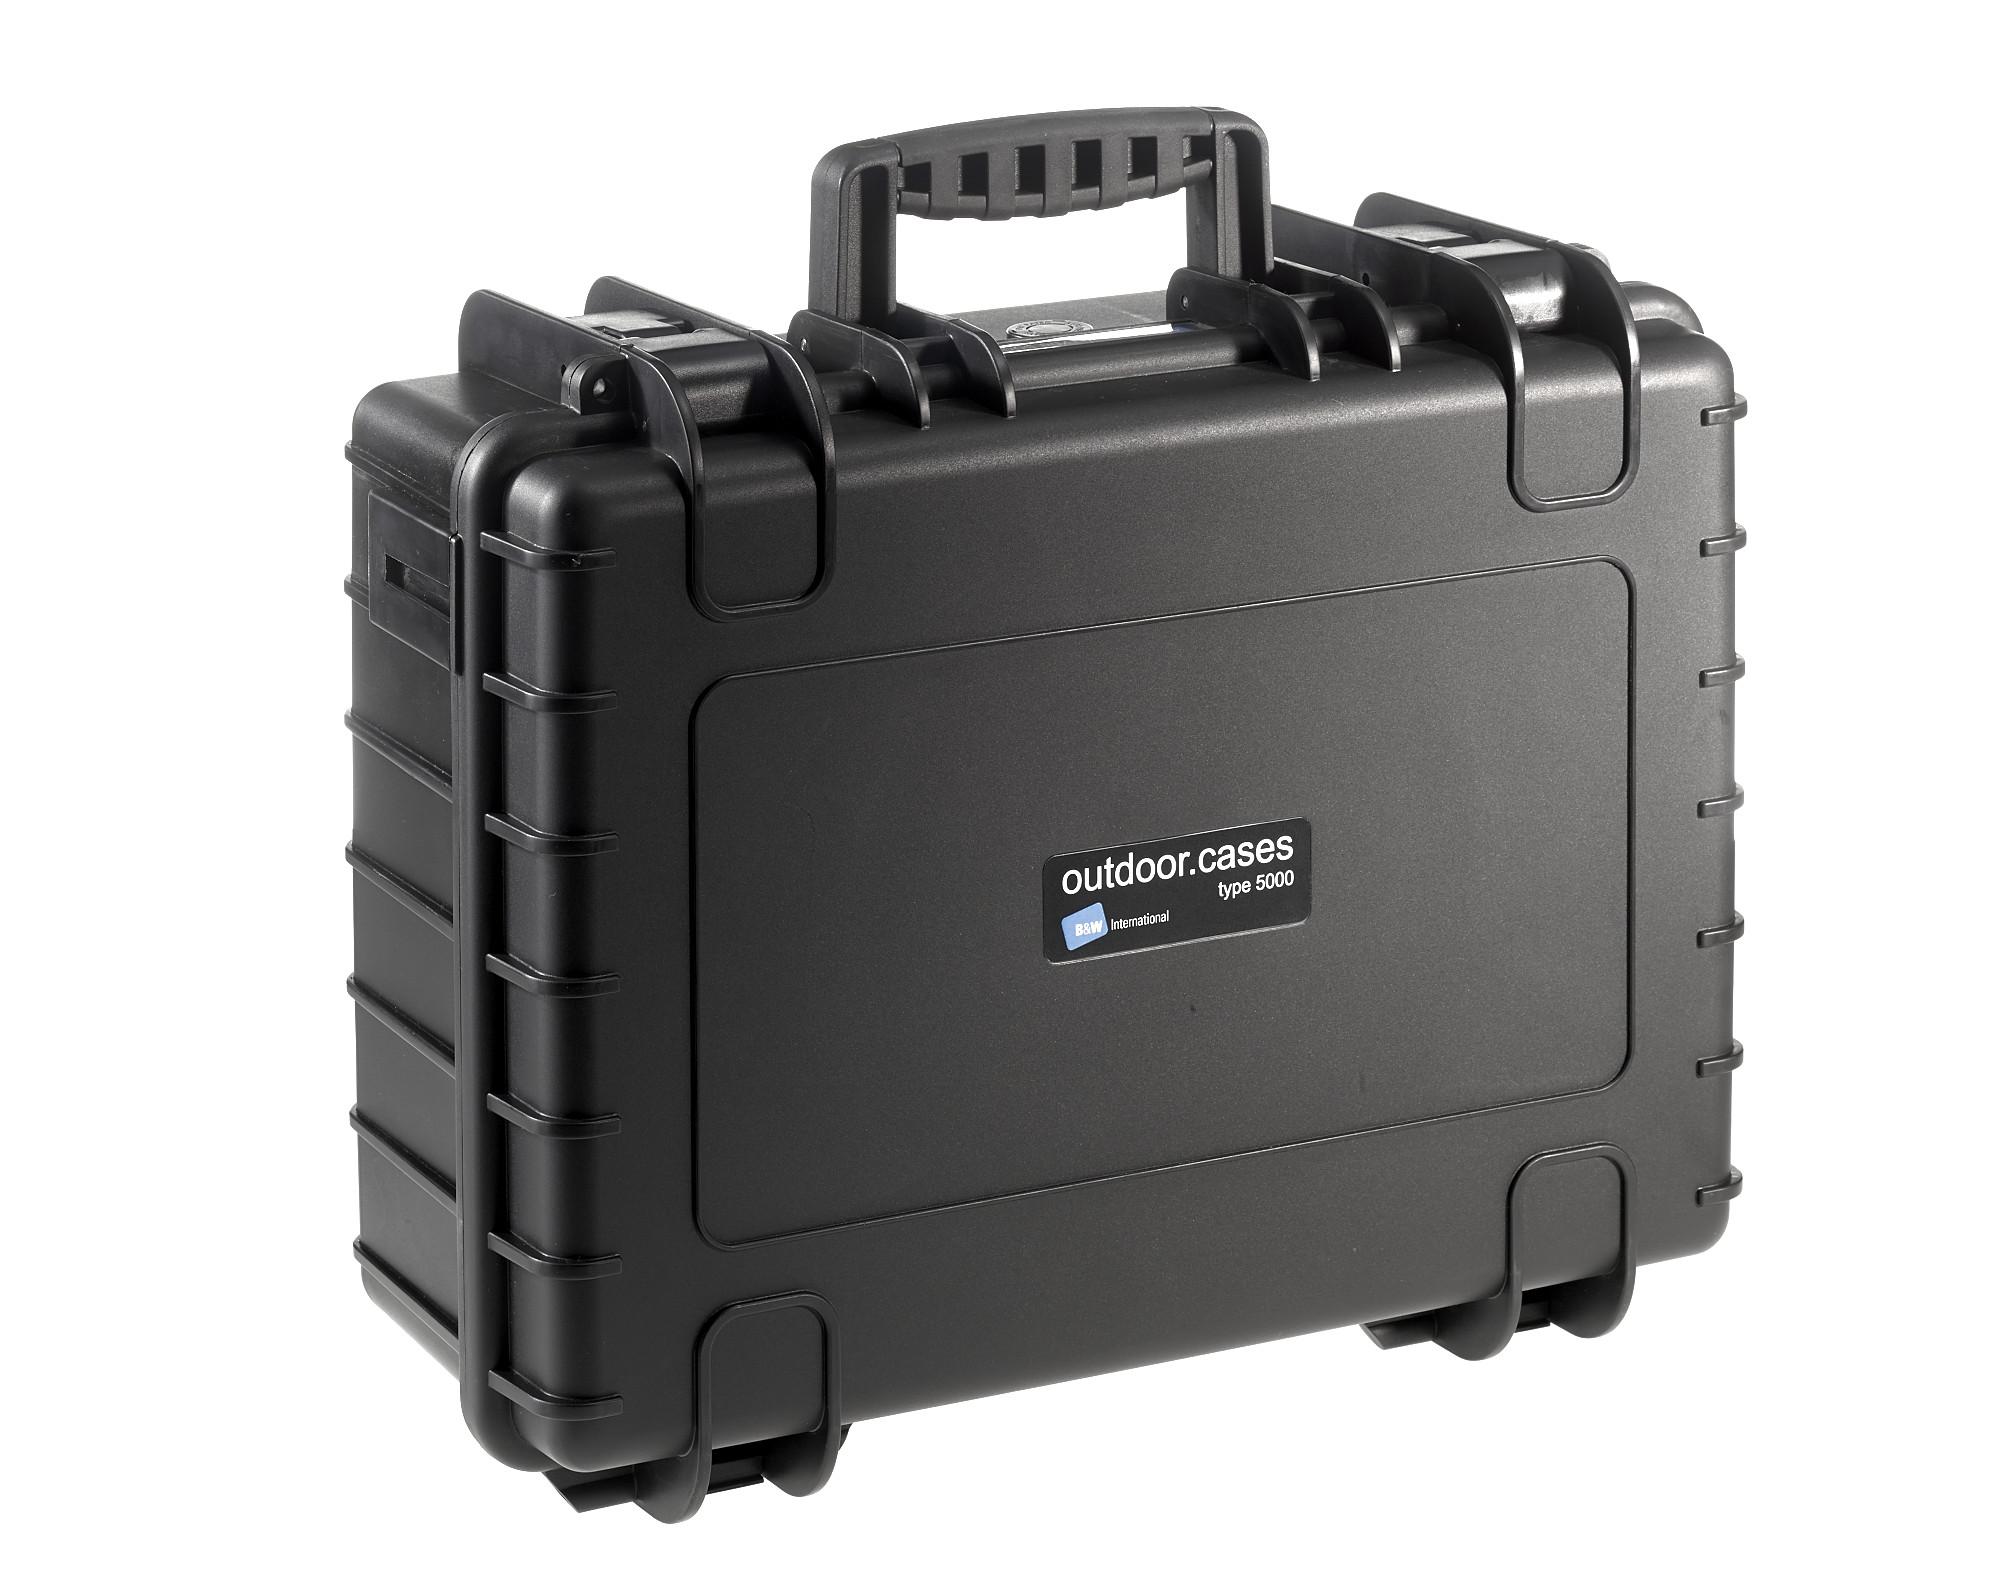 B W International Type 5000 468x365x188 Dry Case Up To 25 Off W Free S H